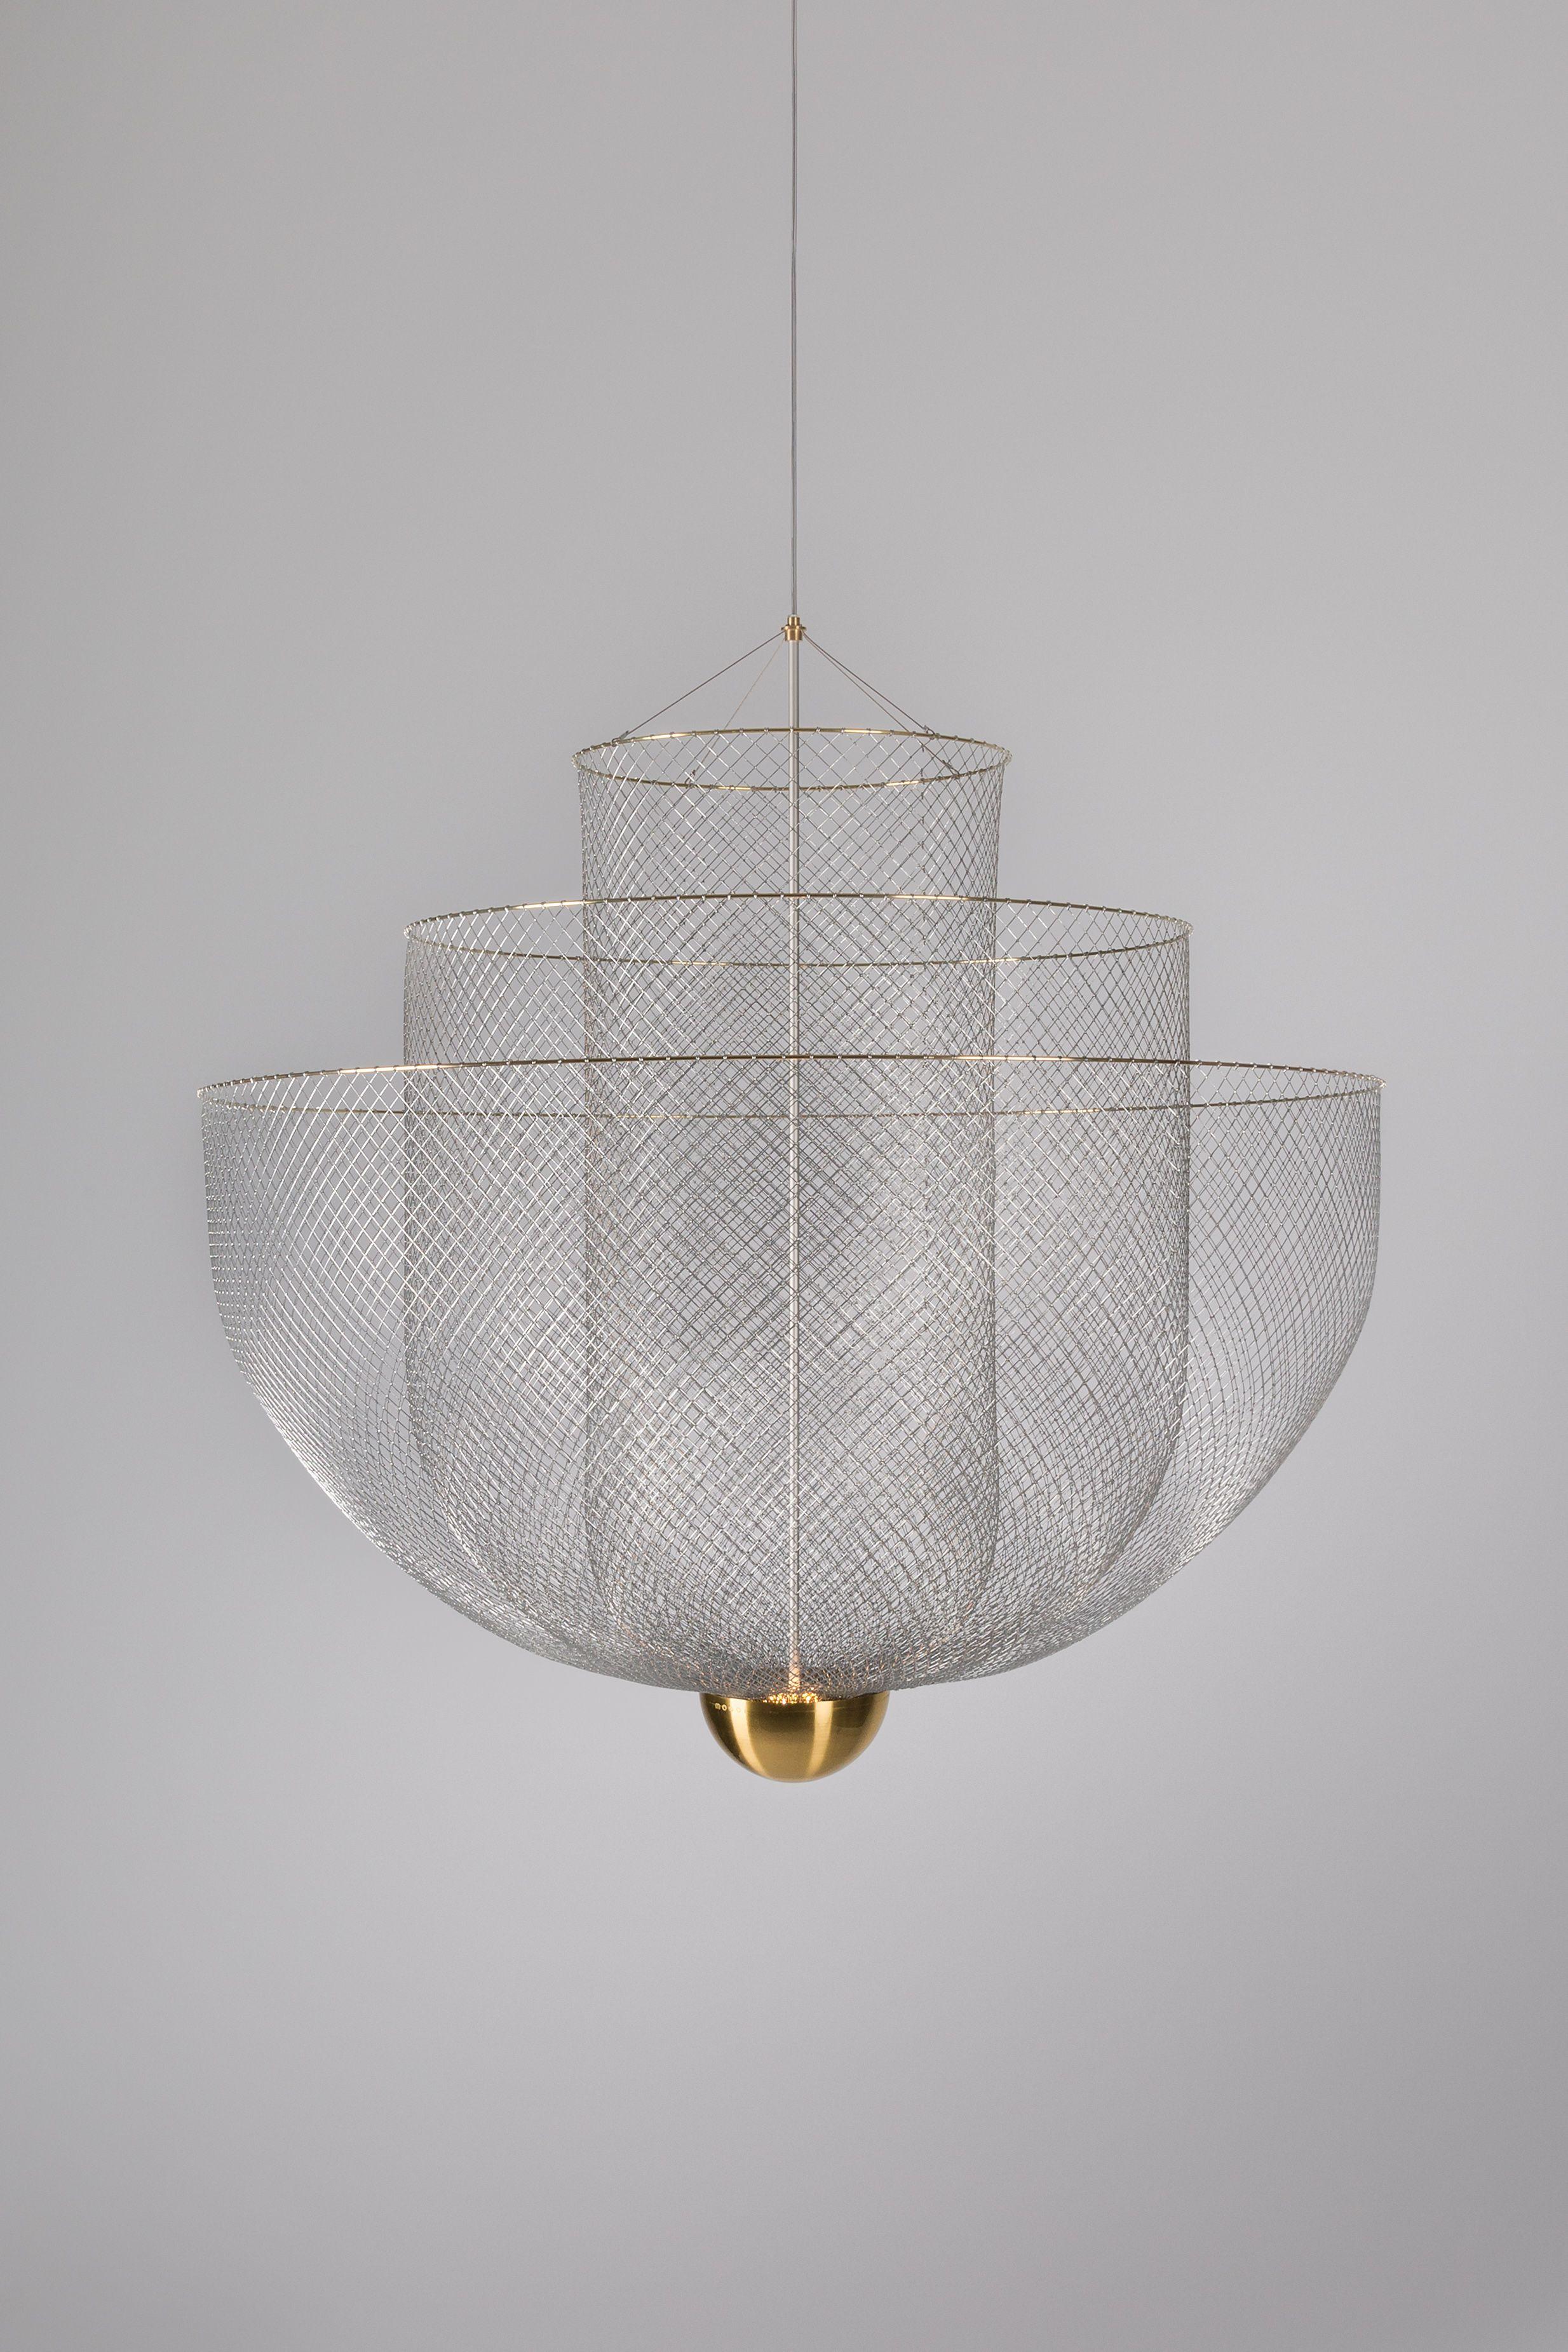 Meshmatics Mit Bildern Beleuchtung Anhanger Lampen Blitz Design